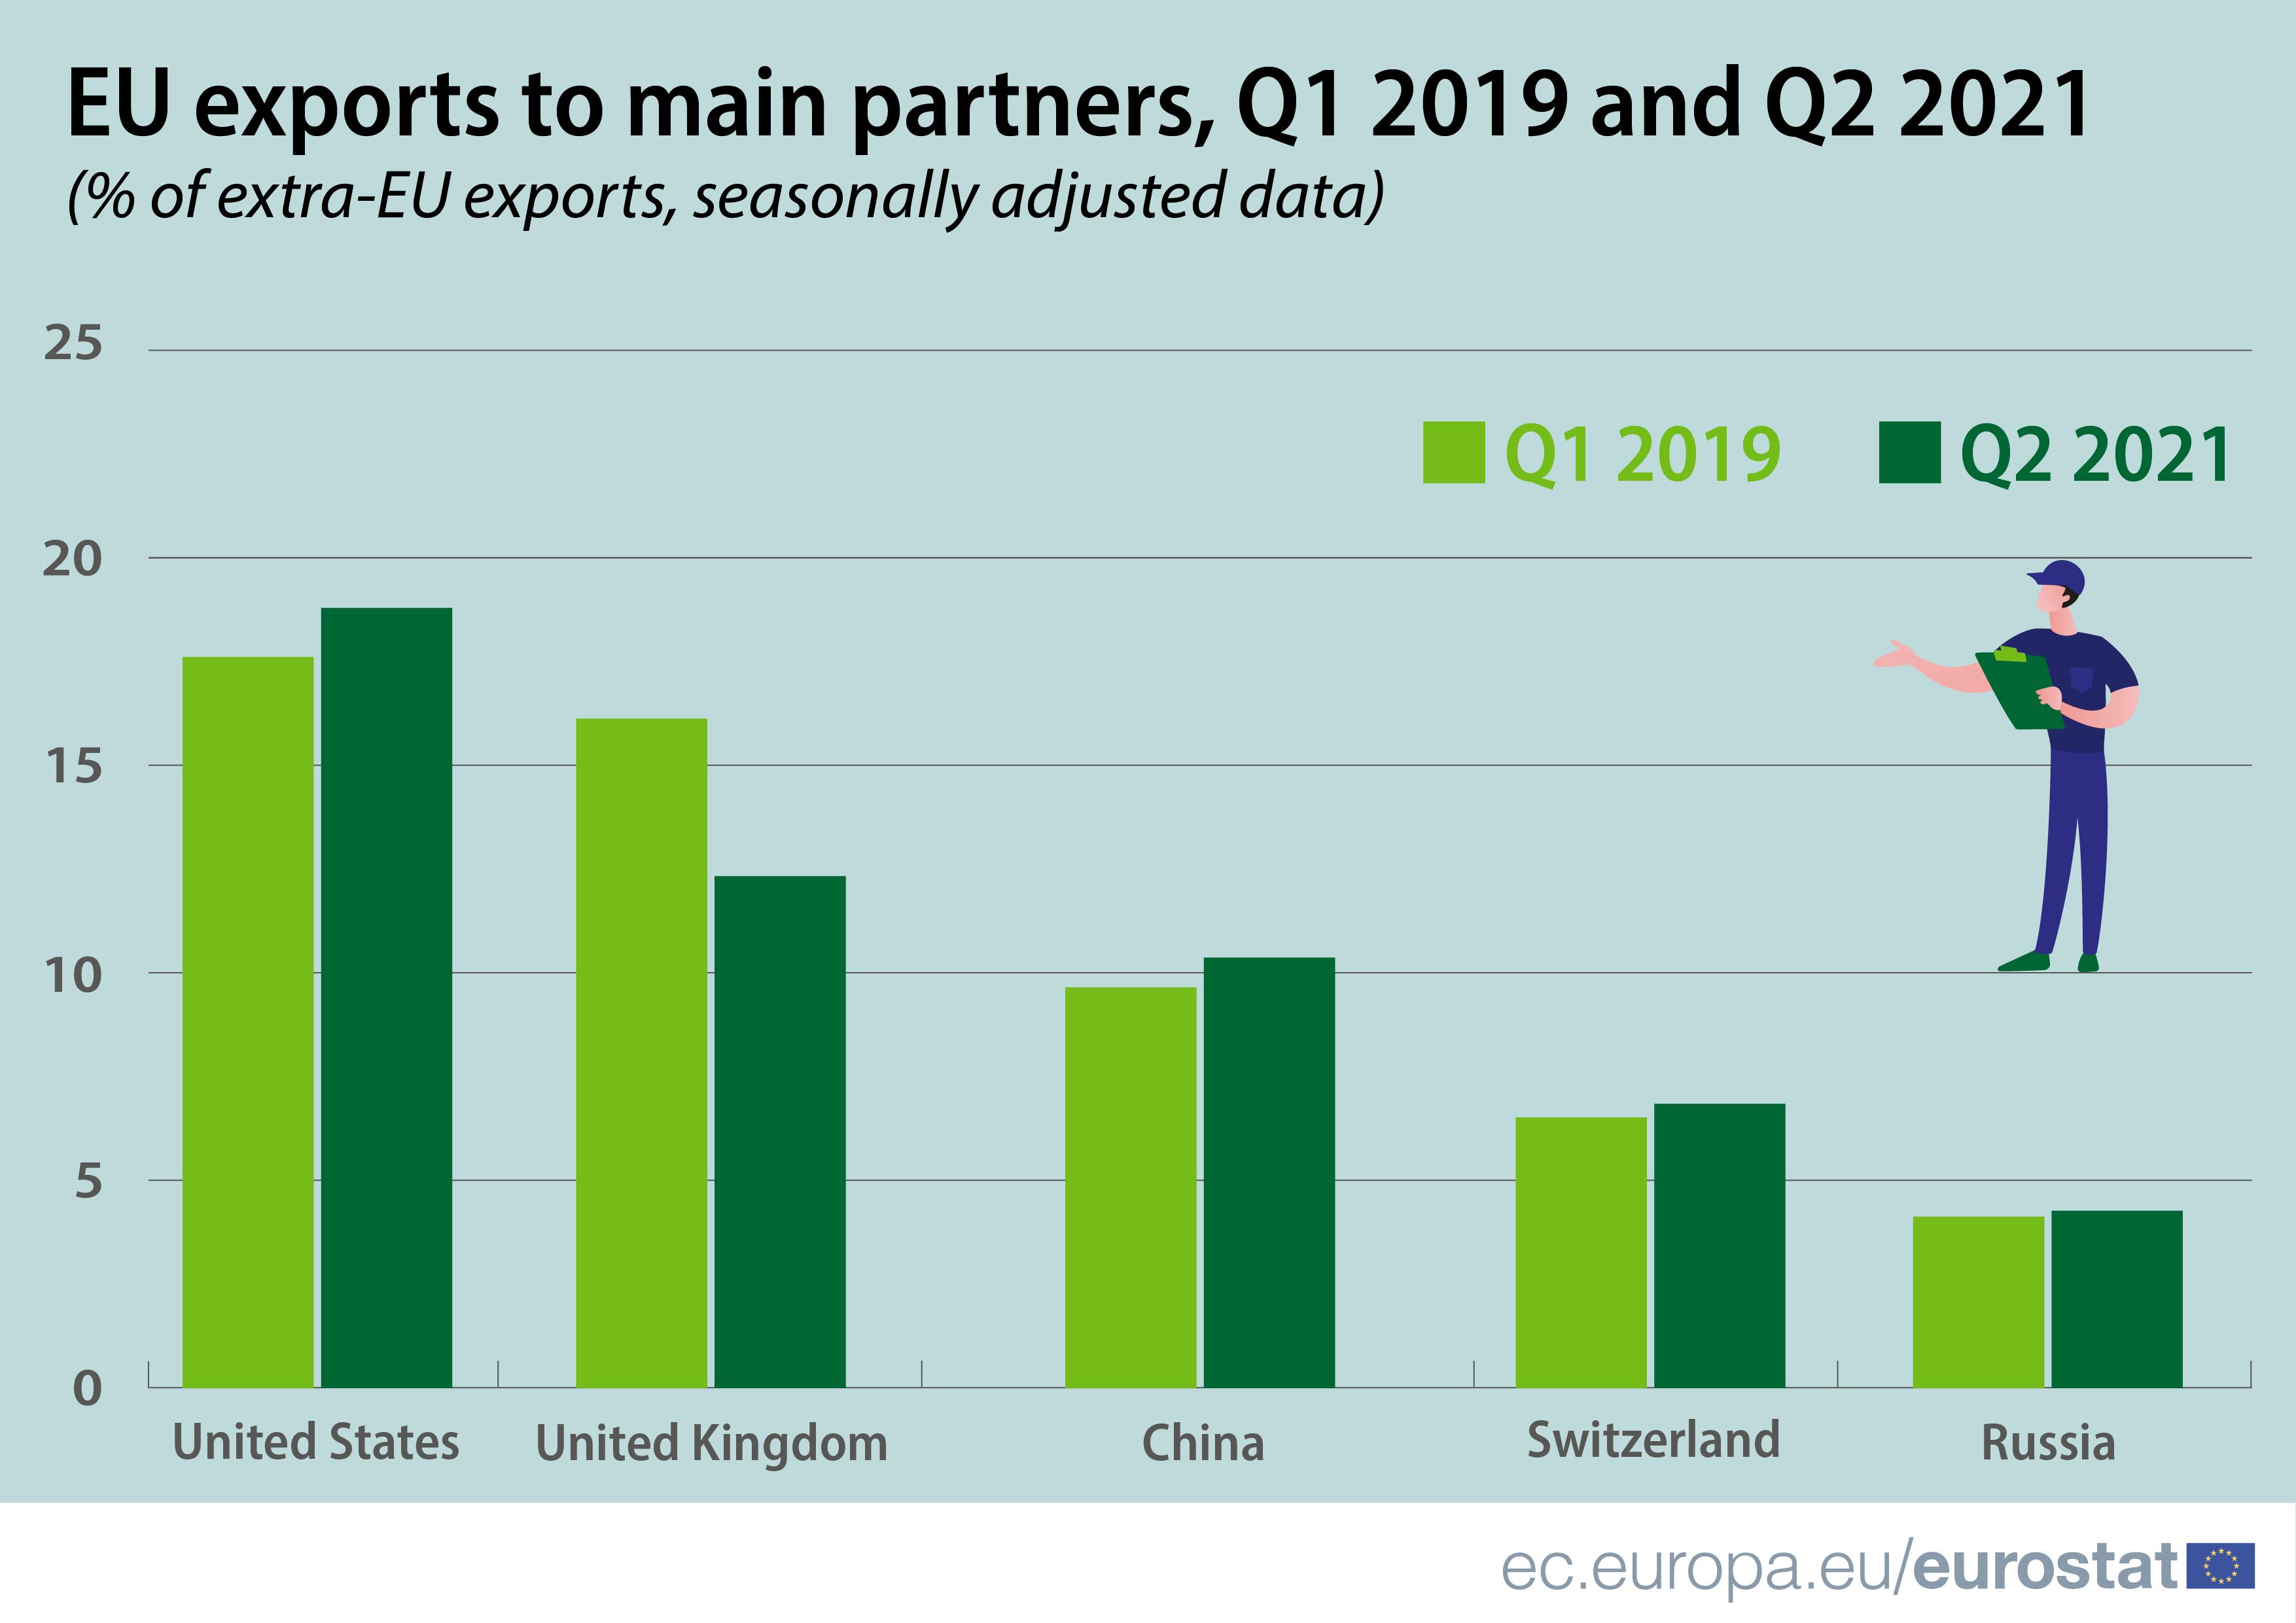 Infografica: esportazioni dell'UE verso i principali partner, primo trimestre 2019 rispetto al secondo trimestre 2021, % di esportazioni extra UE, dati destagionalizzati